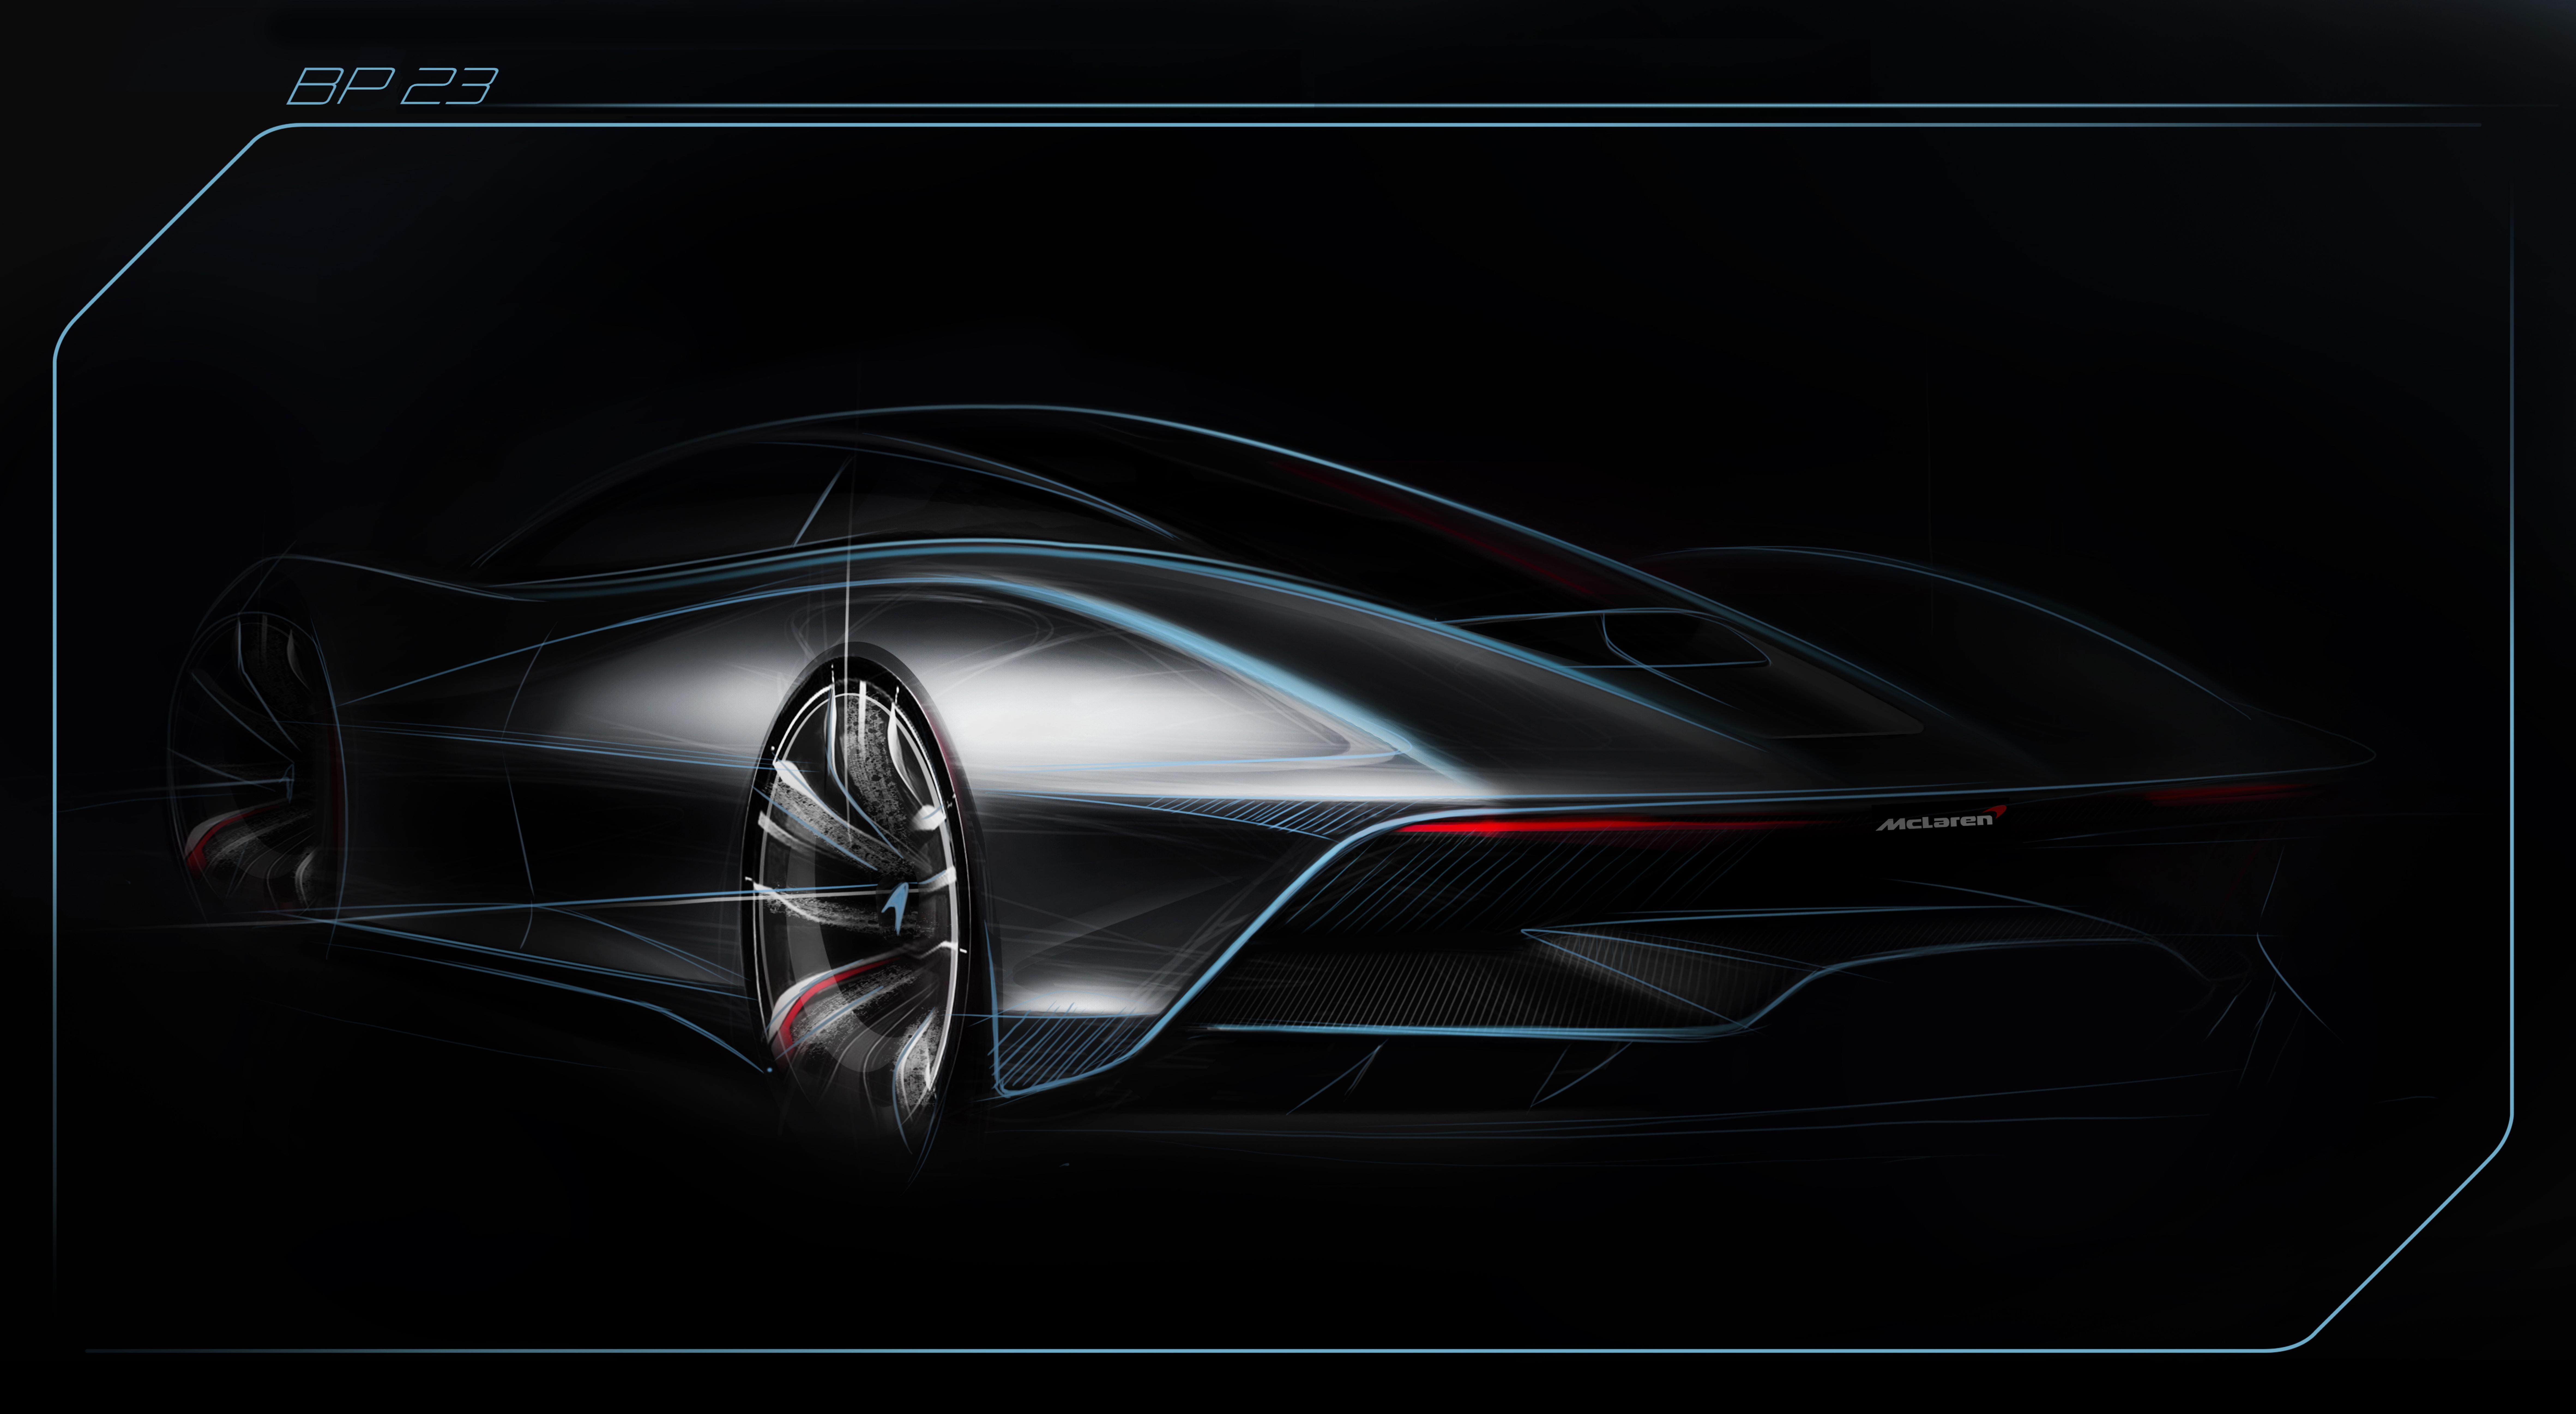 McLaren's BP23 'Hyper-GT' will be its fastest-ever car.